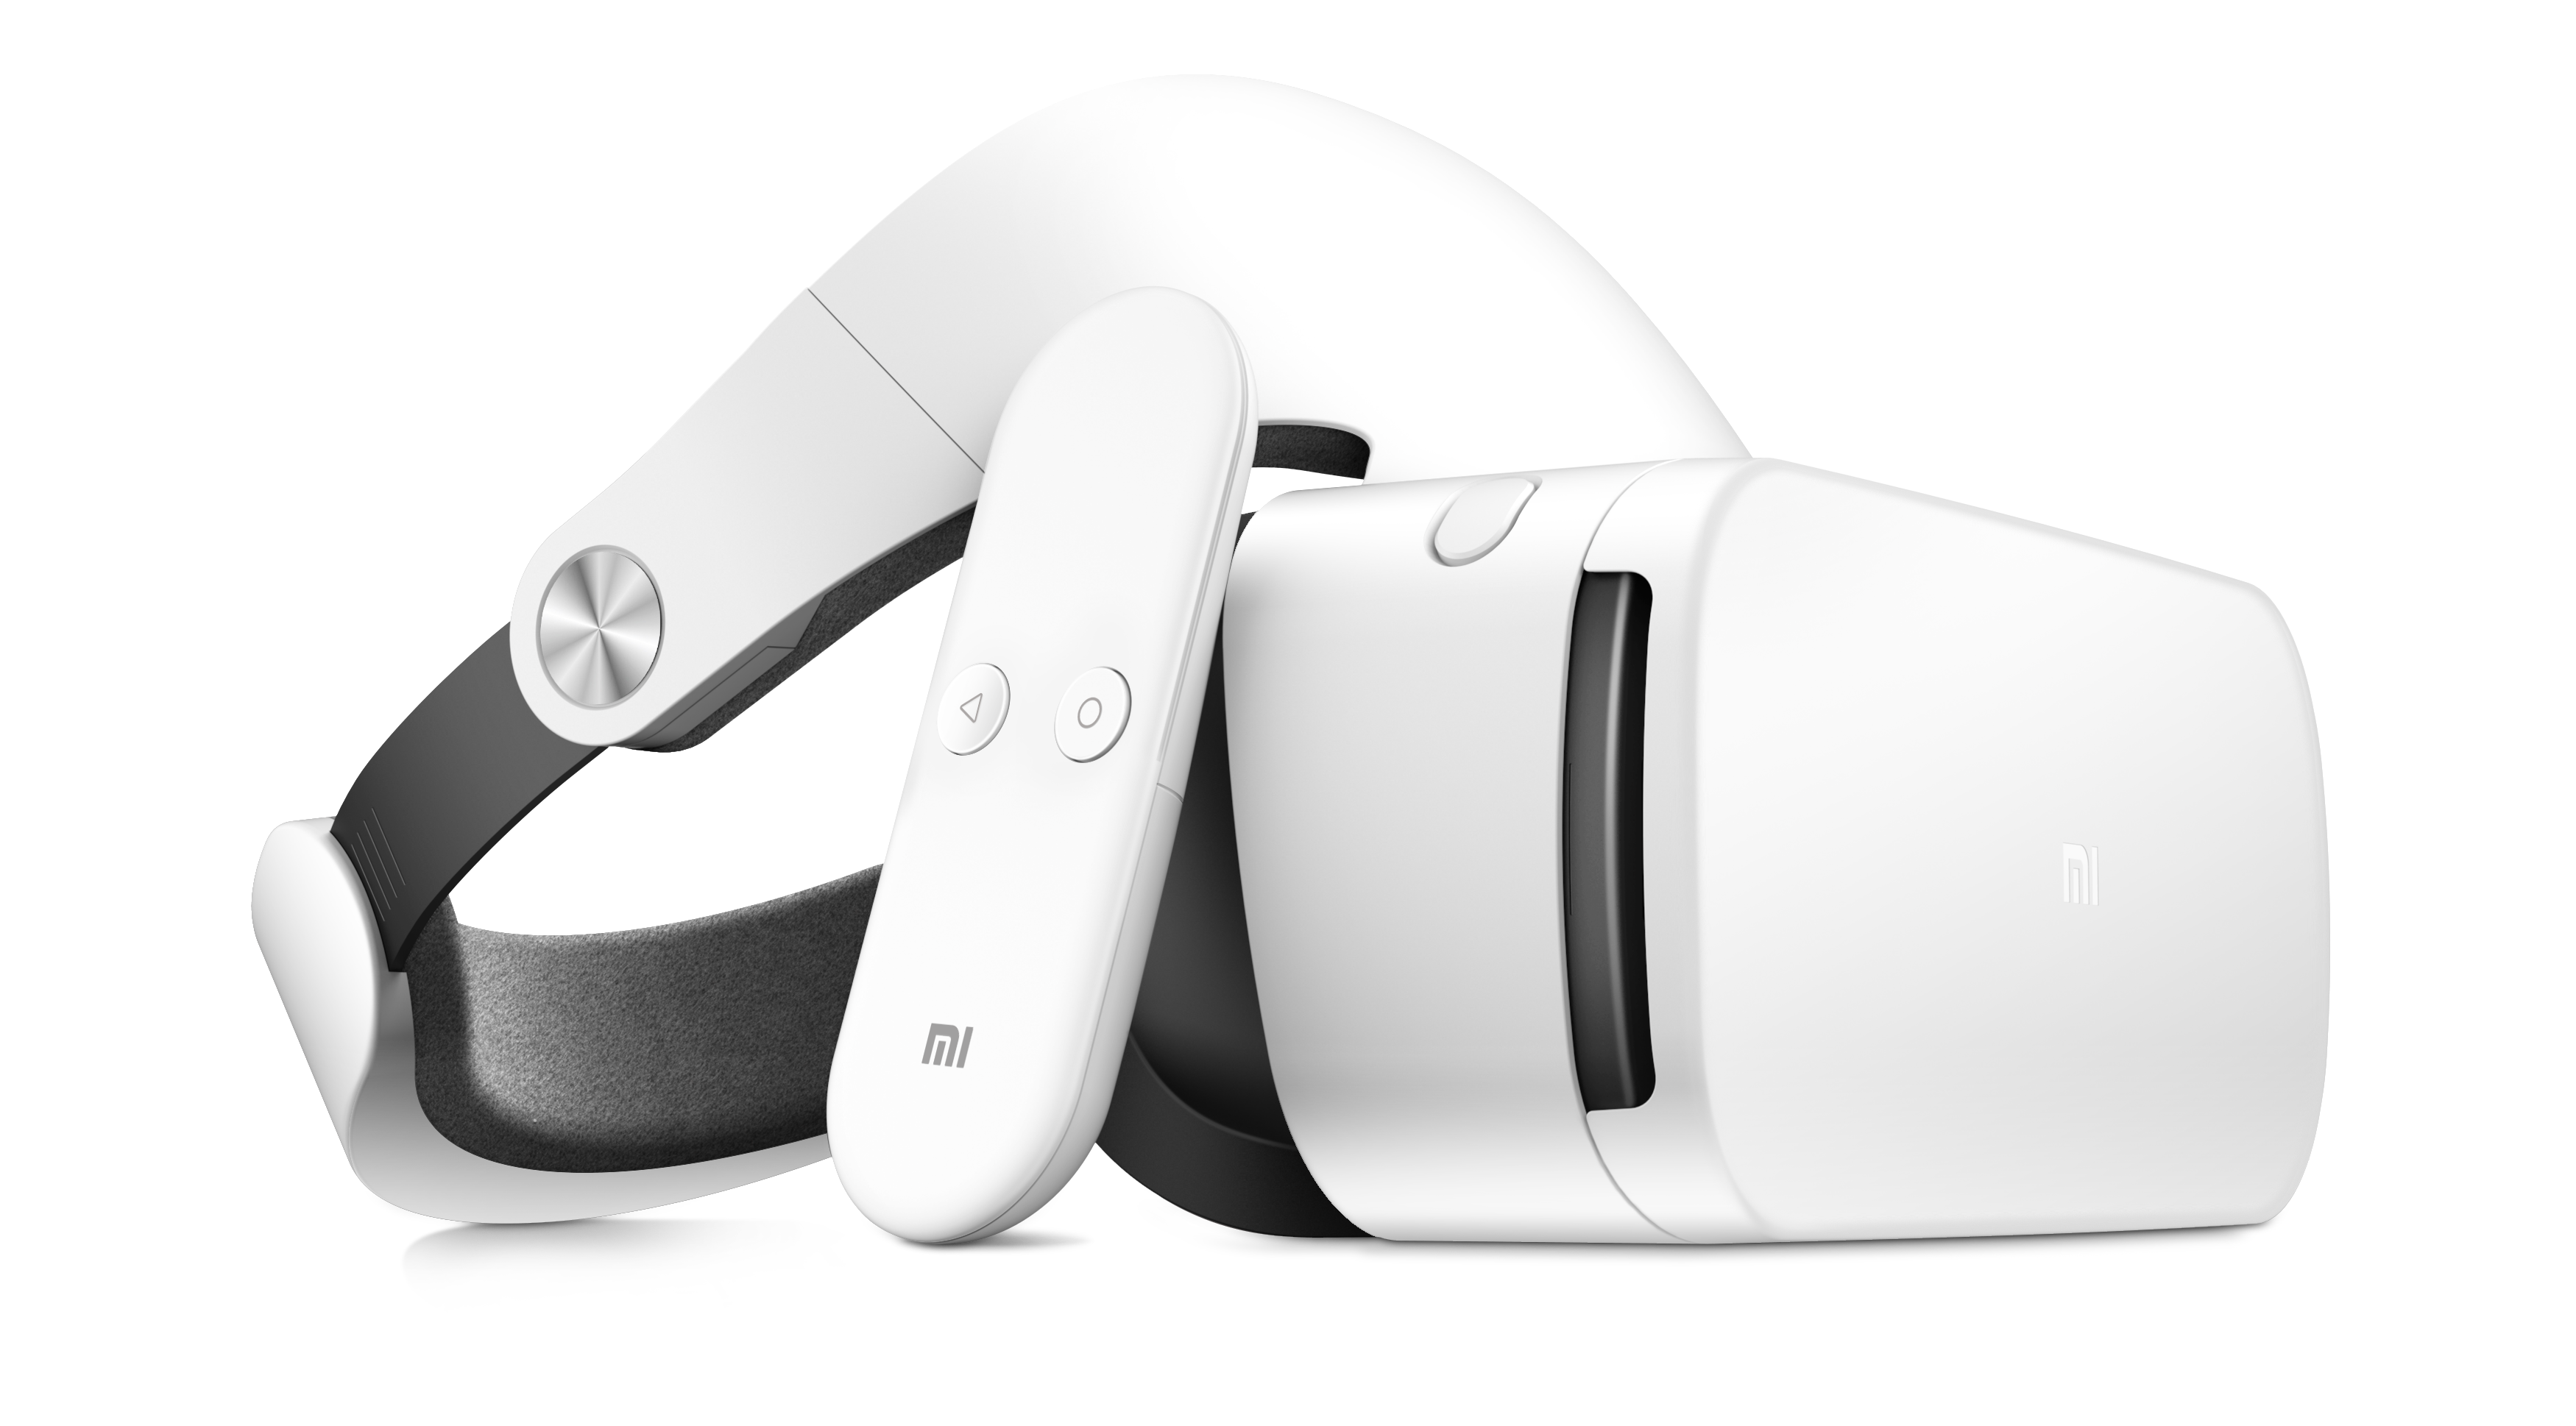 Căștile de realitate virtuală Oculus Go vor fi produse de Xiaomi și vor avea procesoare Qualcomm Snapdragon 821. Facebook a cumpărat Oculus în 2014. Căști VR Xiaomi Mi VR